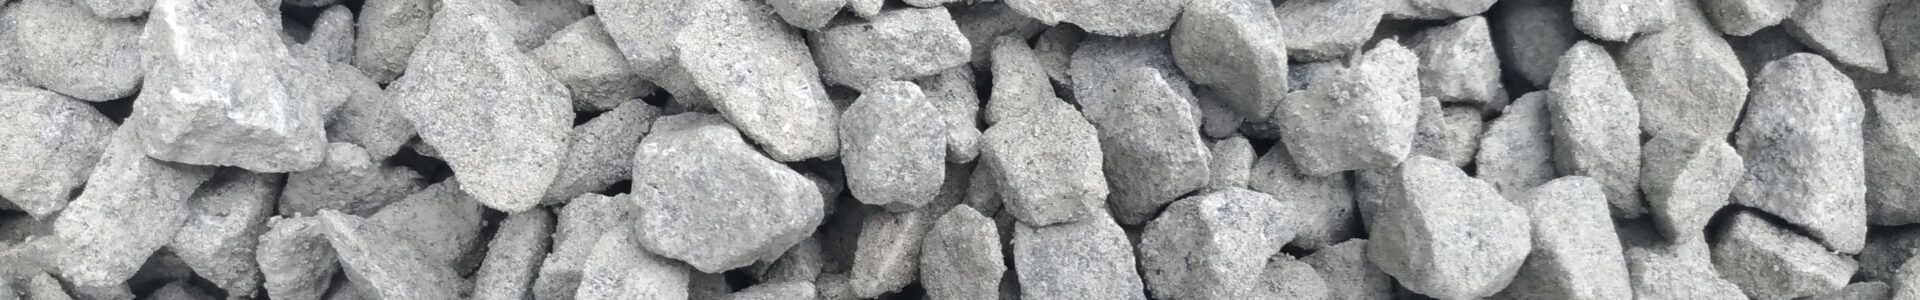 Naturally Pure Calcium Carbonate